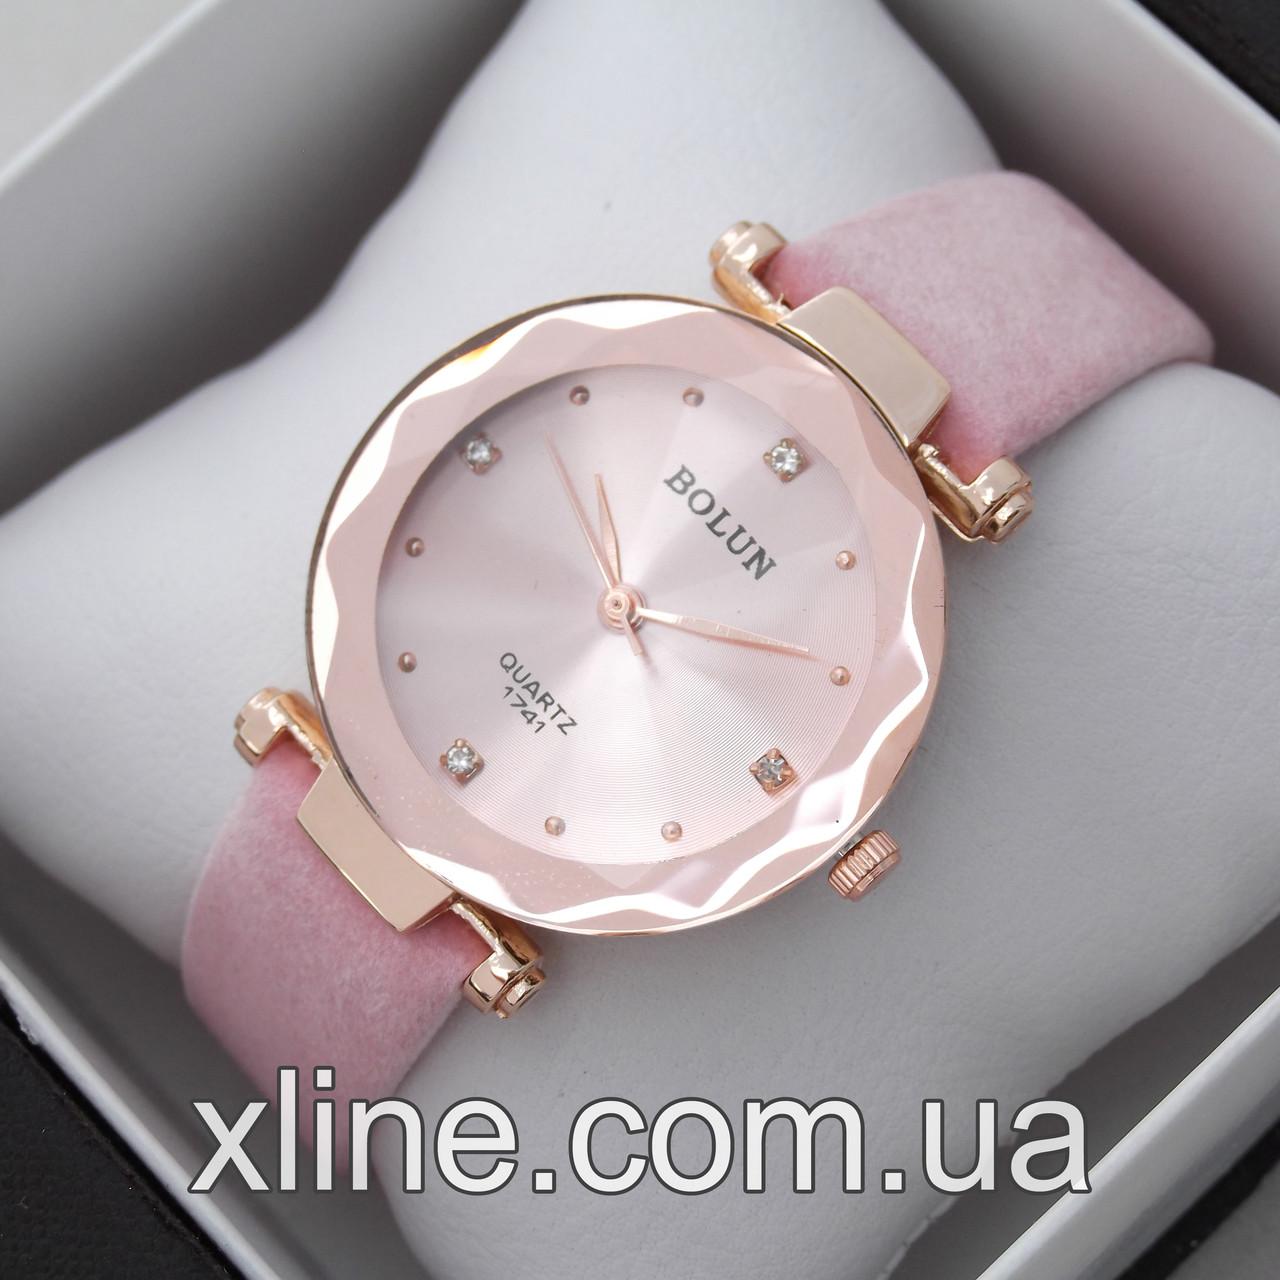 Жіночі наручні годинники Bolun 4840G на шкіряному ремінці